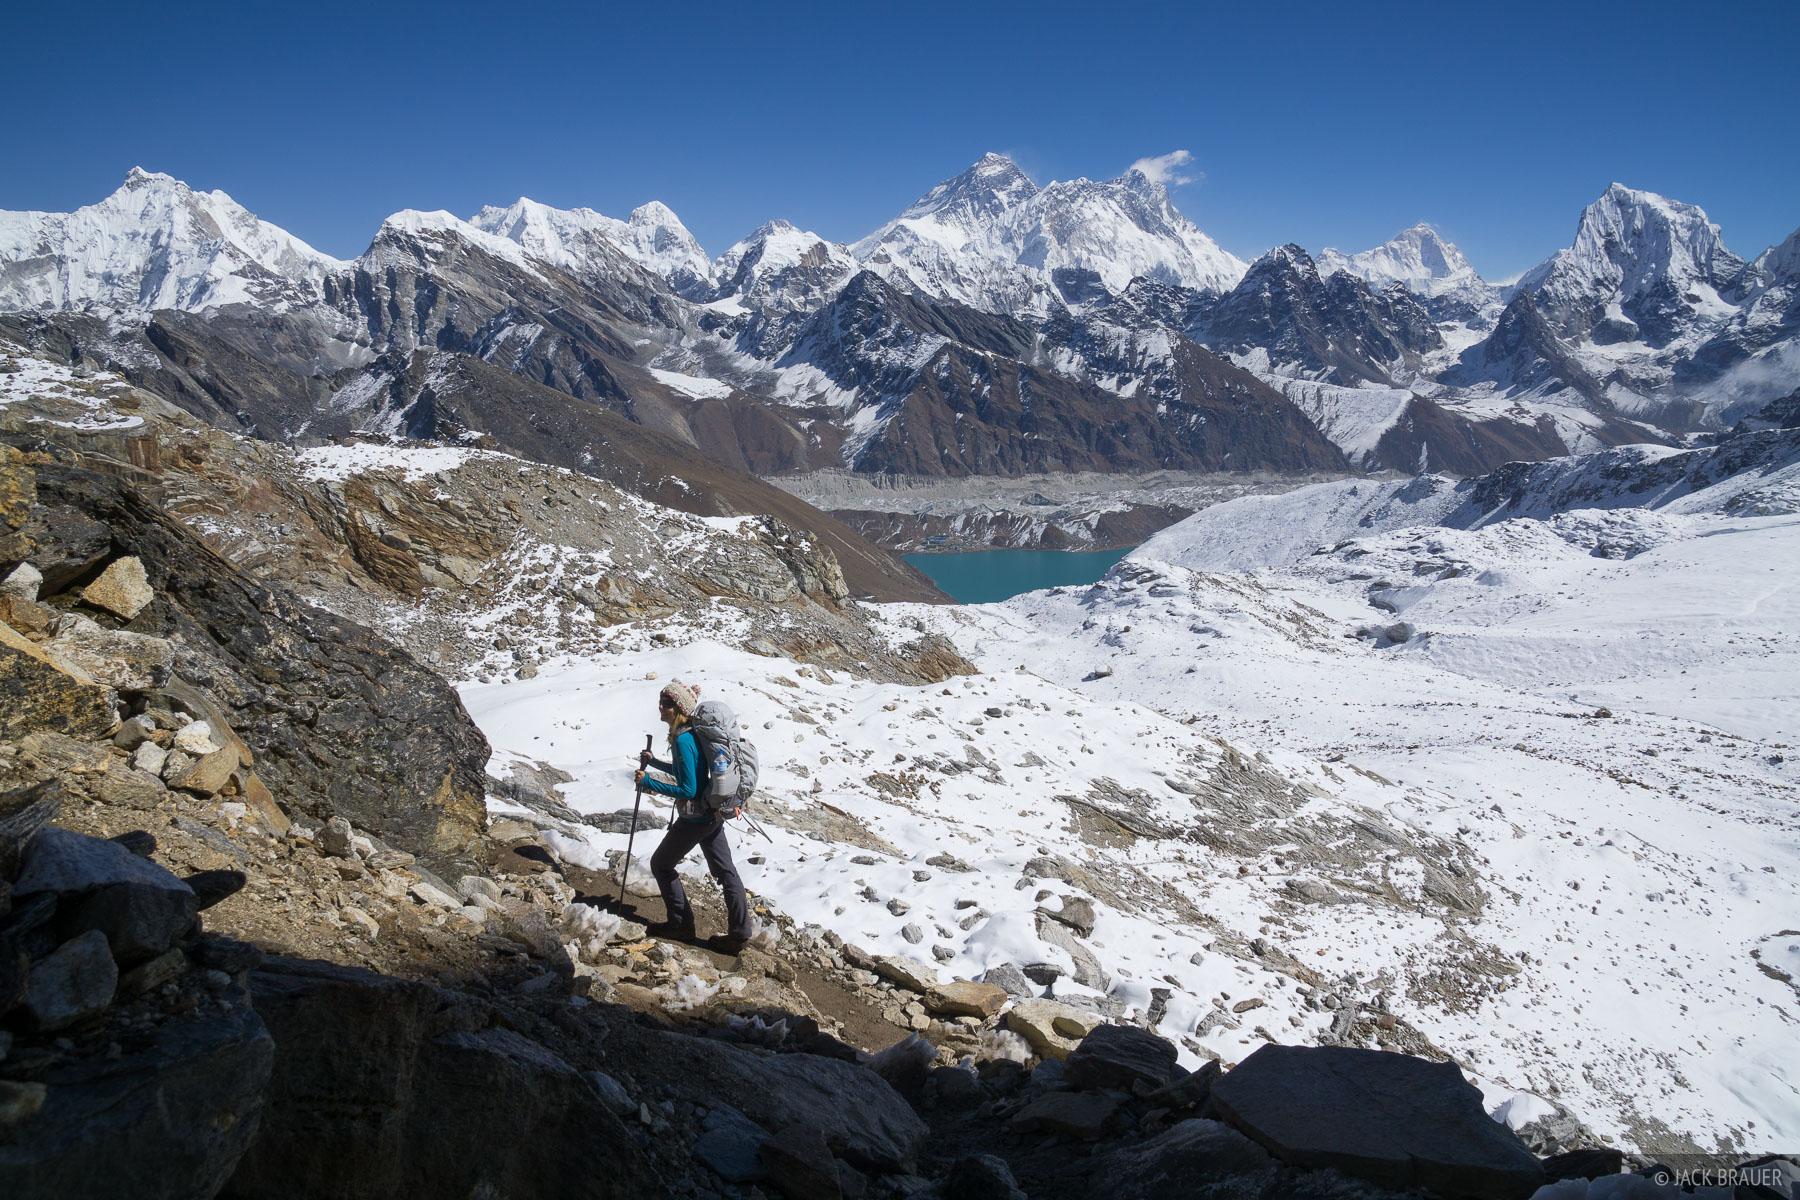 Himalaya,Khumbu,Mt. Everest,Nepal,Renjo La, hiking, photo